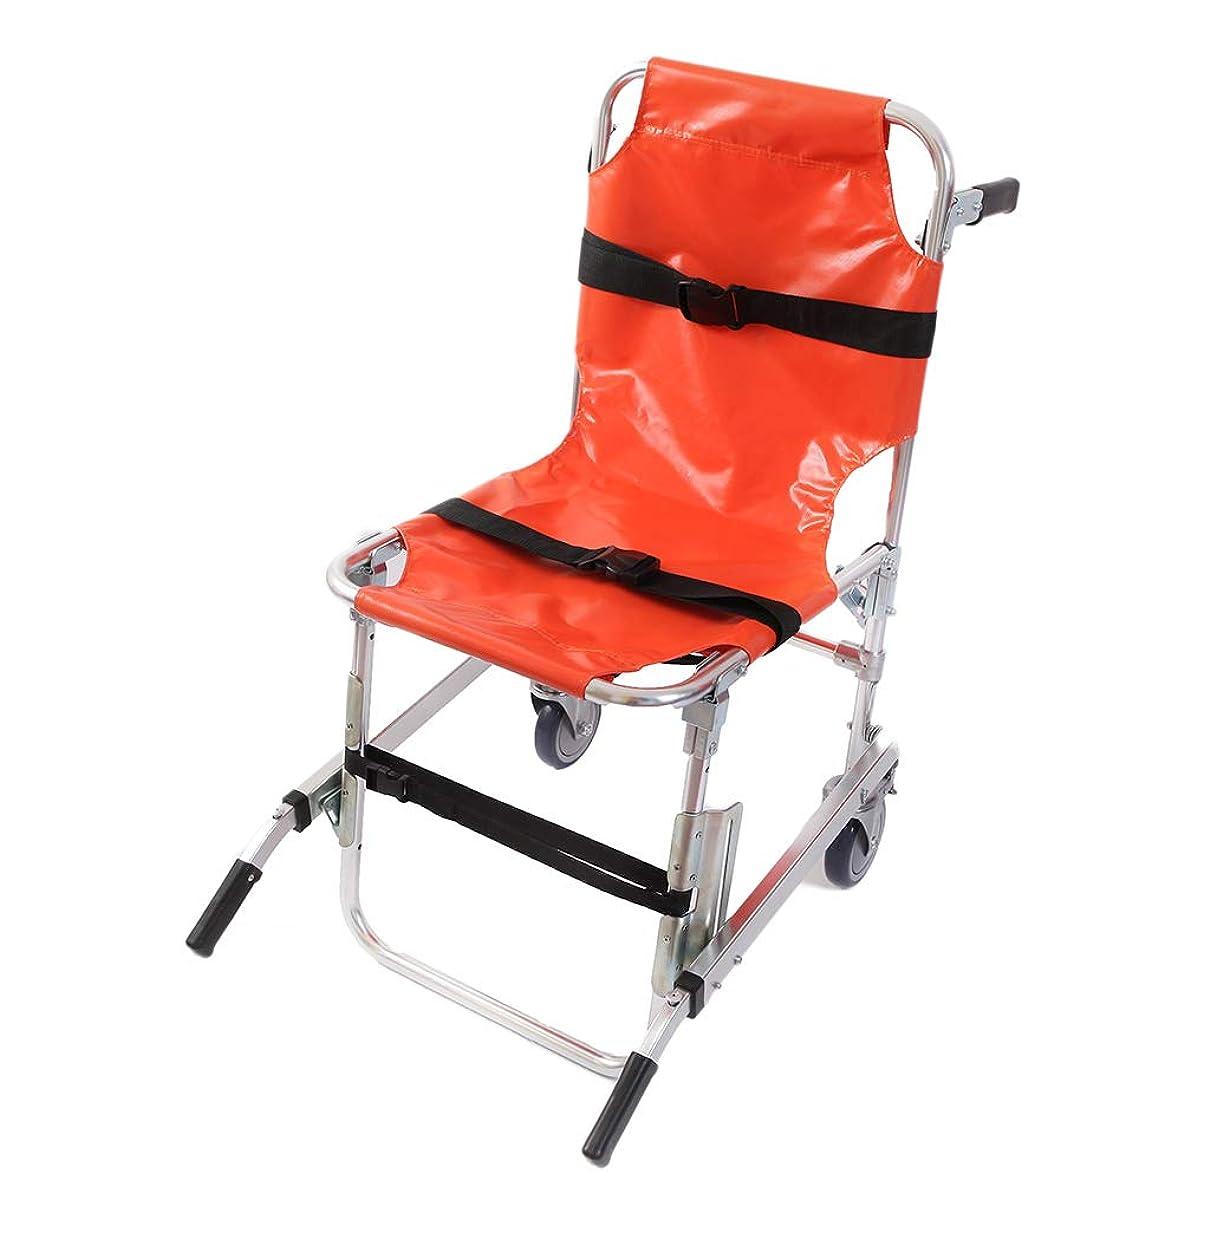 贅沢な指慎重EMS階段椅子アルミ軽量2輪医療輸送チェア患者拘束ストラップ付き350ポンドの容量